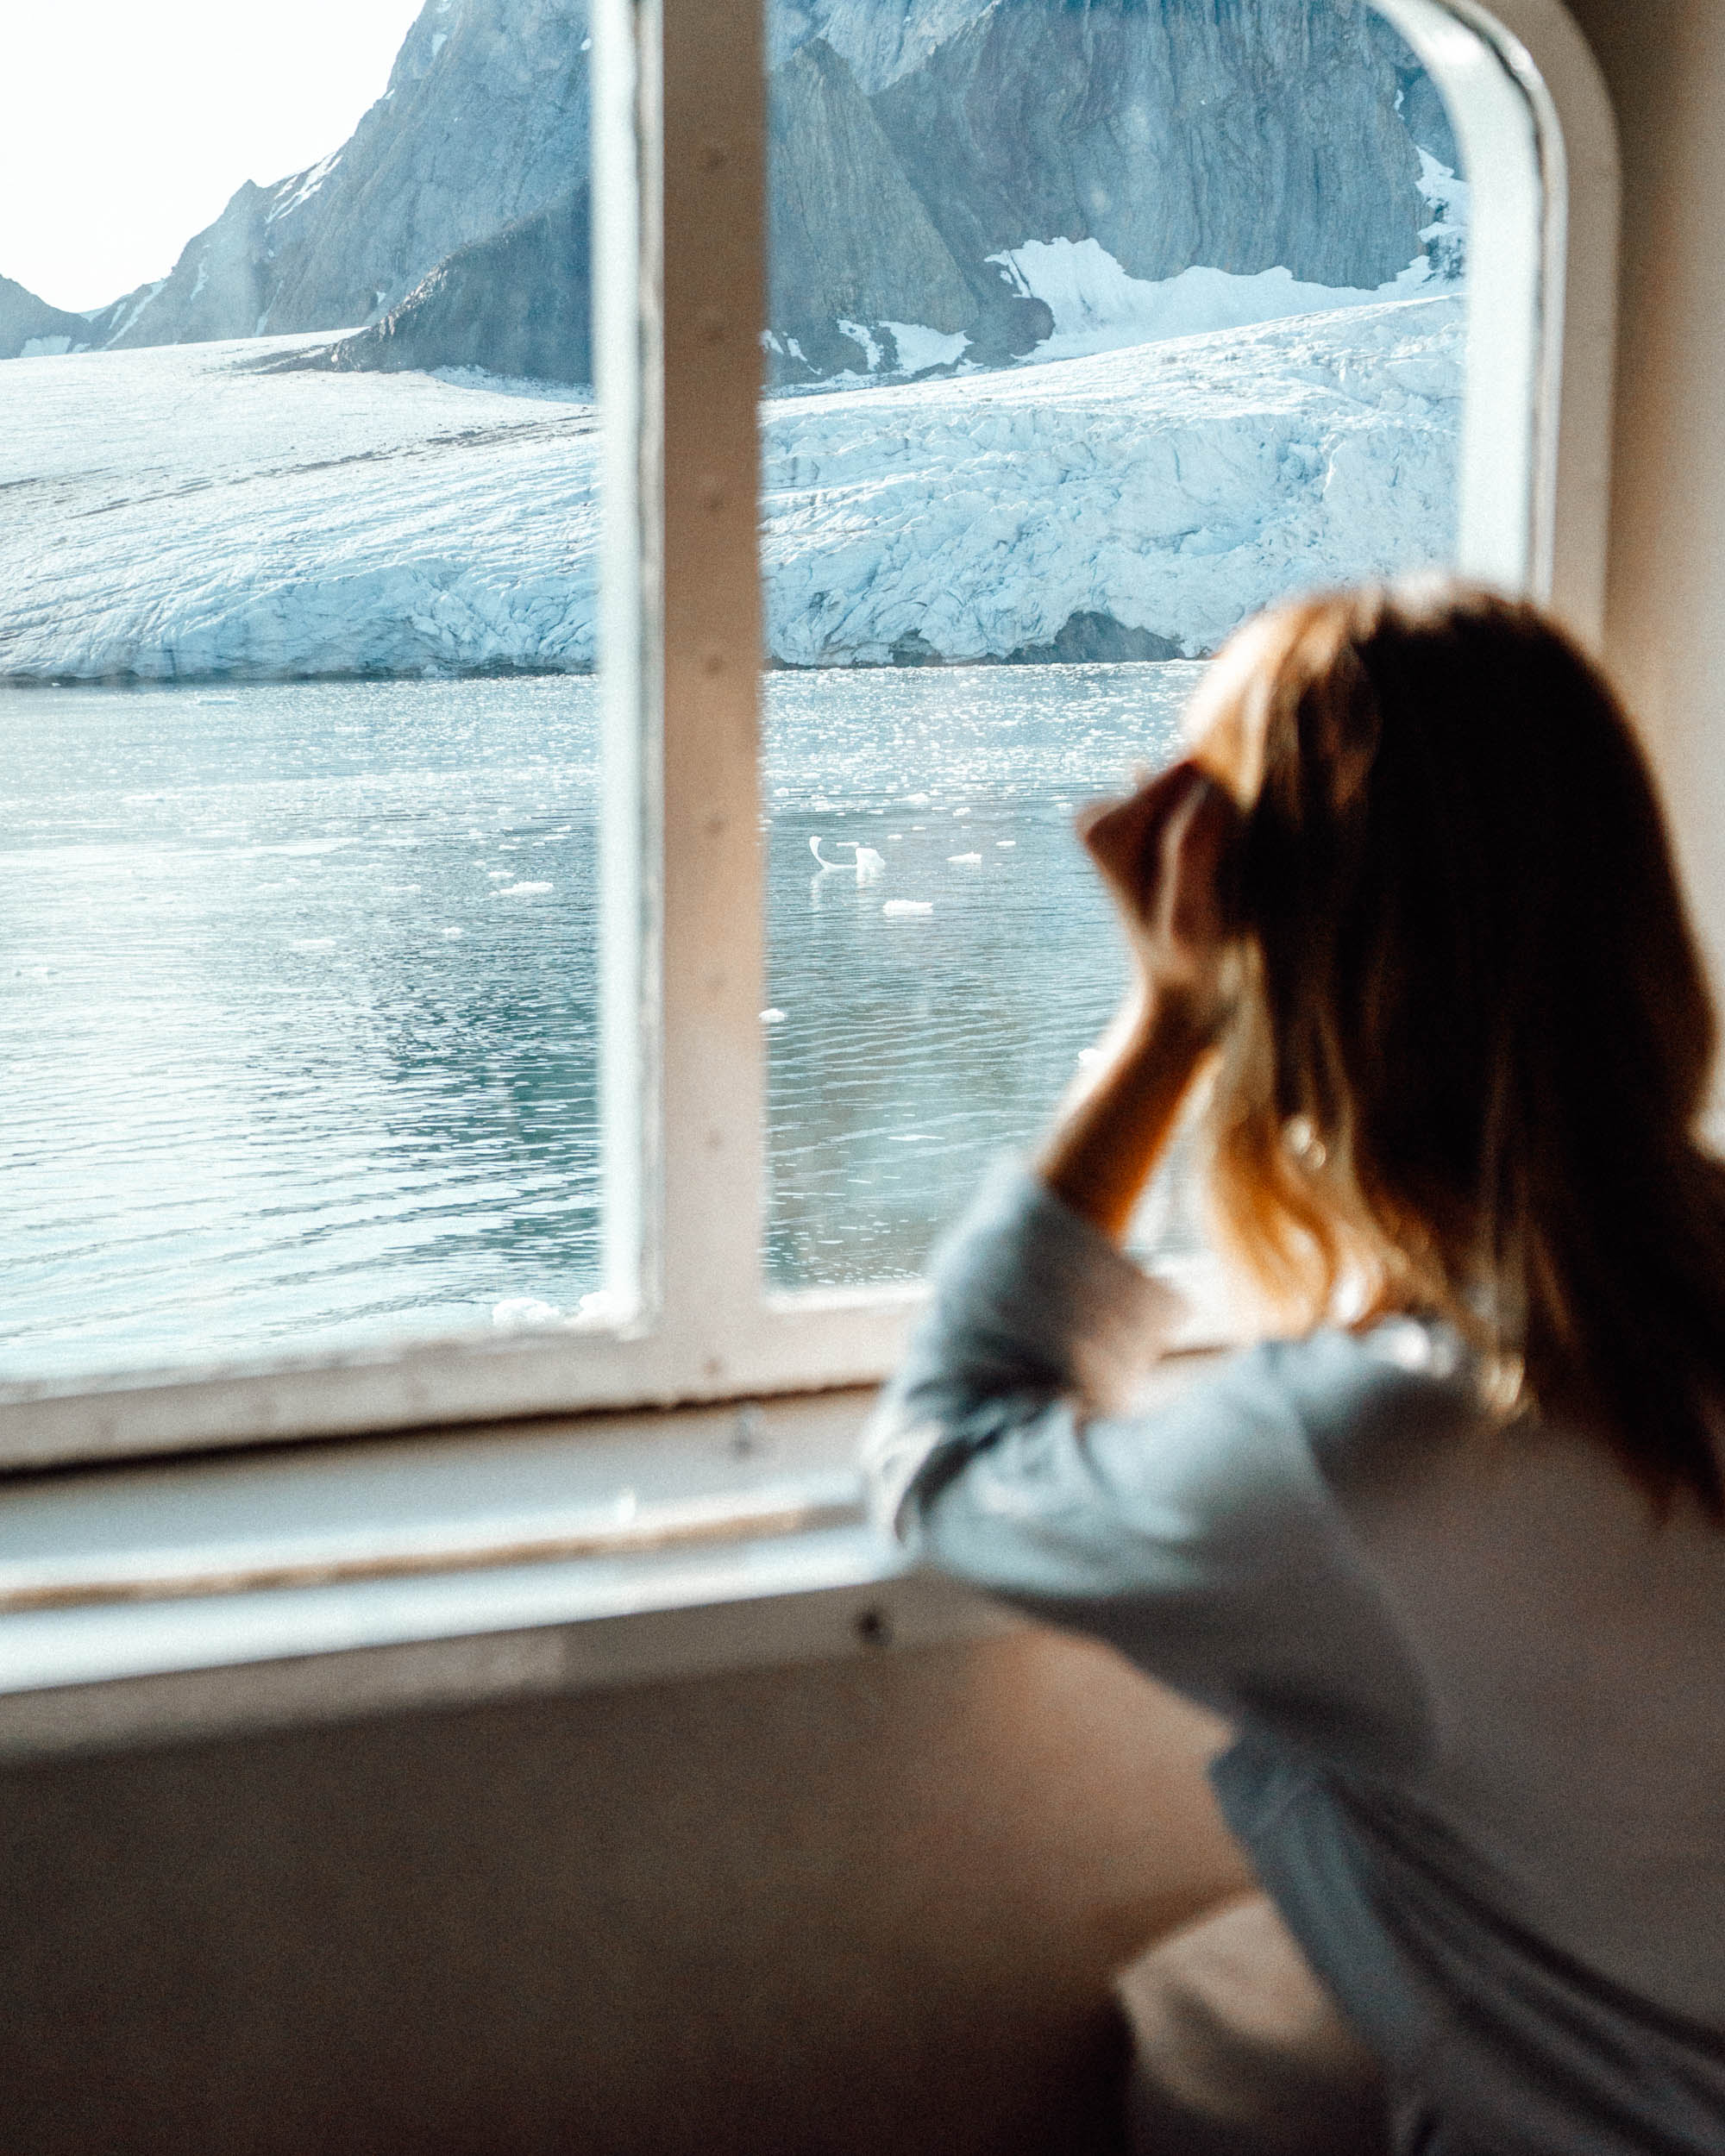 Brepollen glacier bay from the Polarquest ship in Svalbard, Spitsbergen, Norway